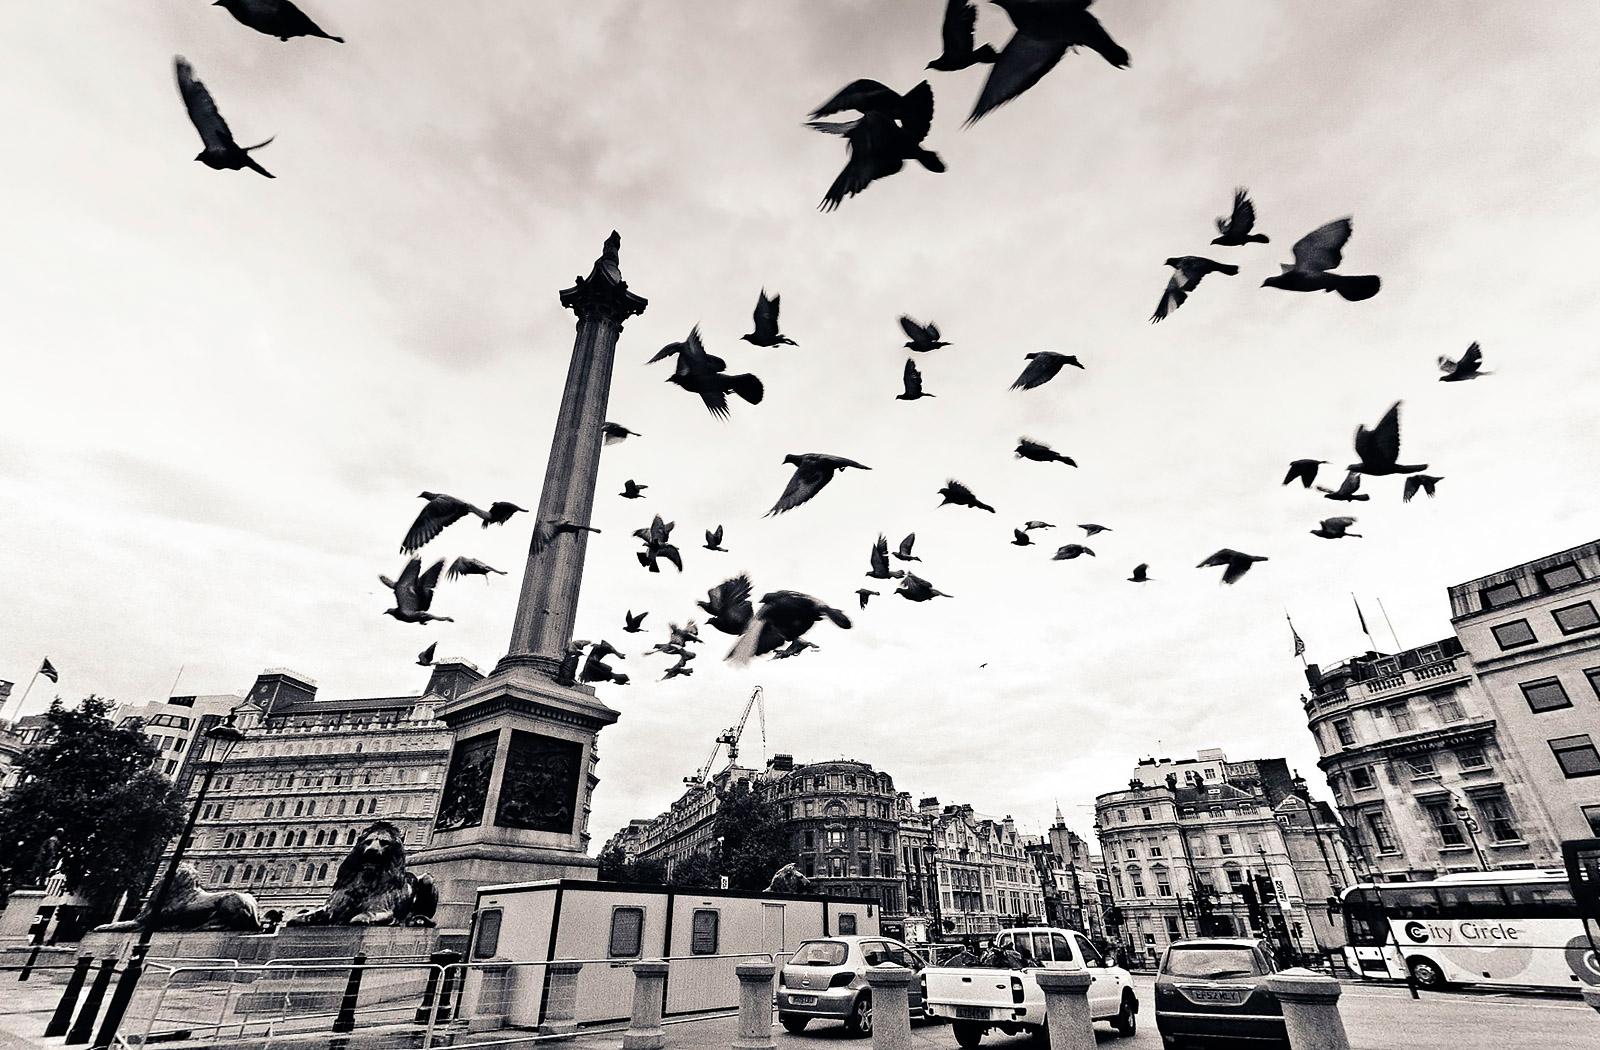 The Birds Trafalgar Square